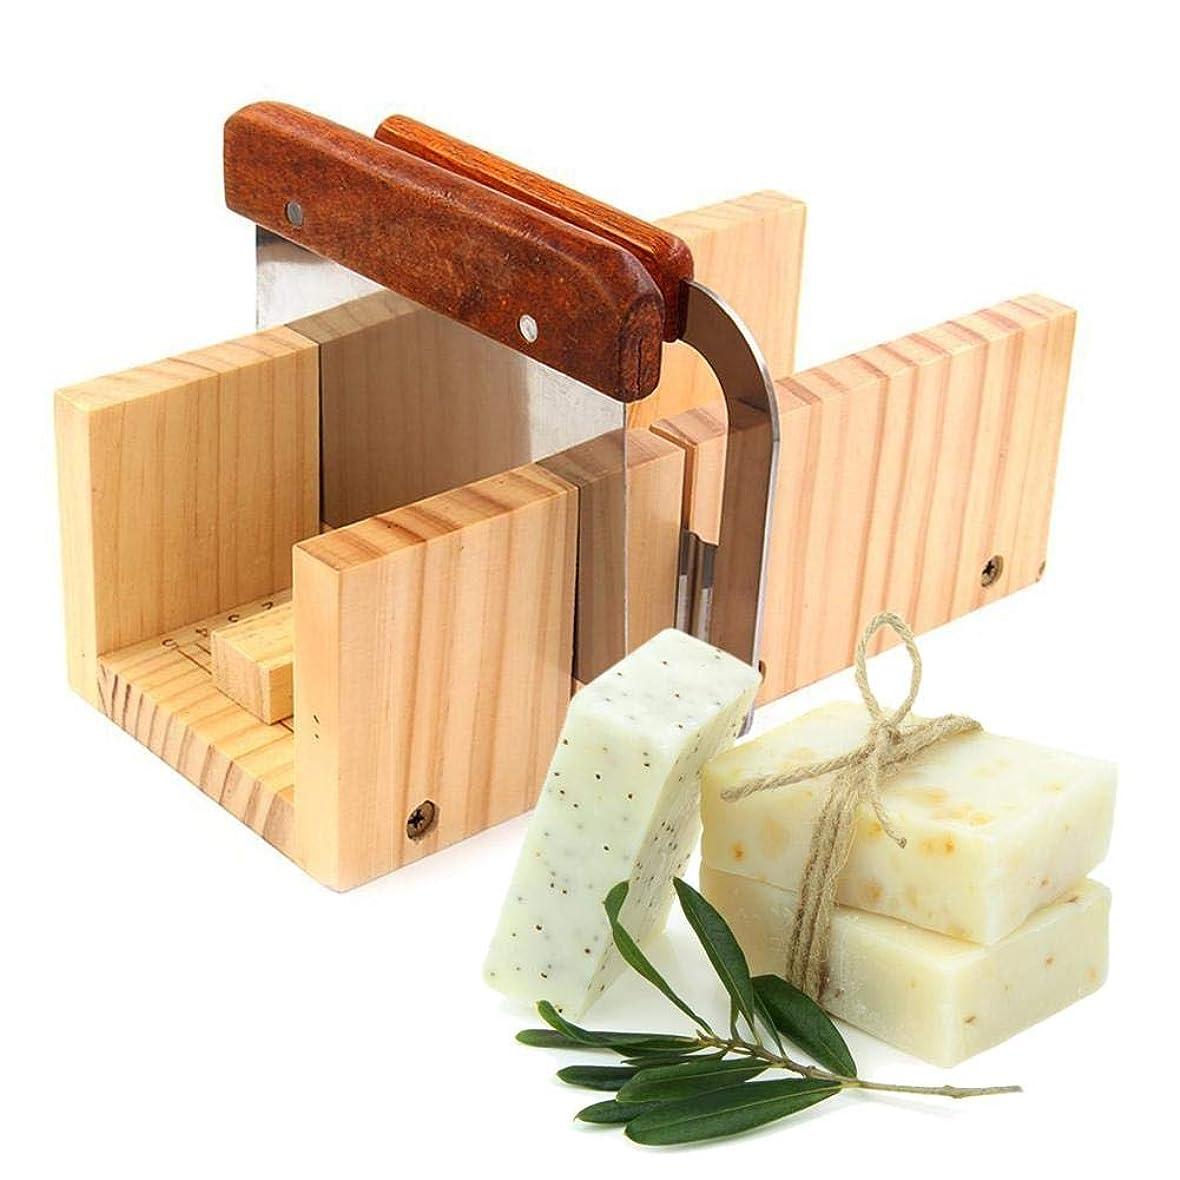 分解する貸し手時間とともにソープモールド、調整可能、木製、ハンドメイド、石鹸、モールドアクセサリー、ストレートプレーナー付き